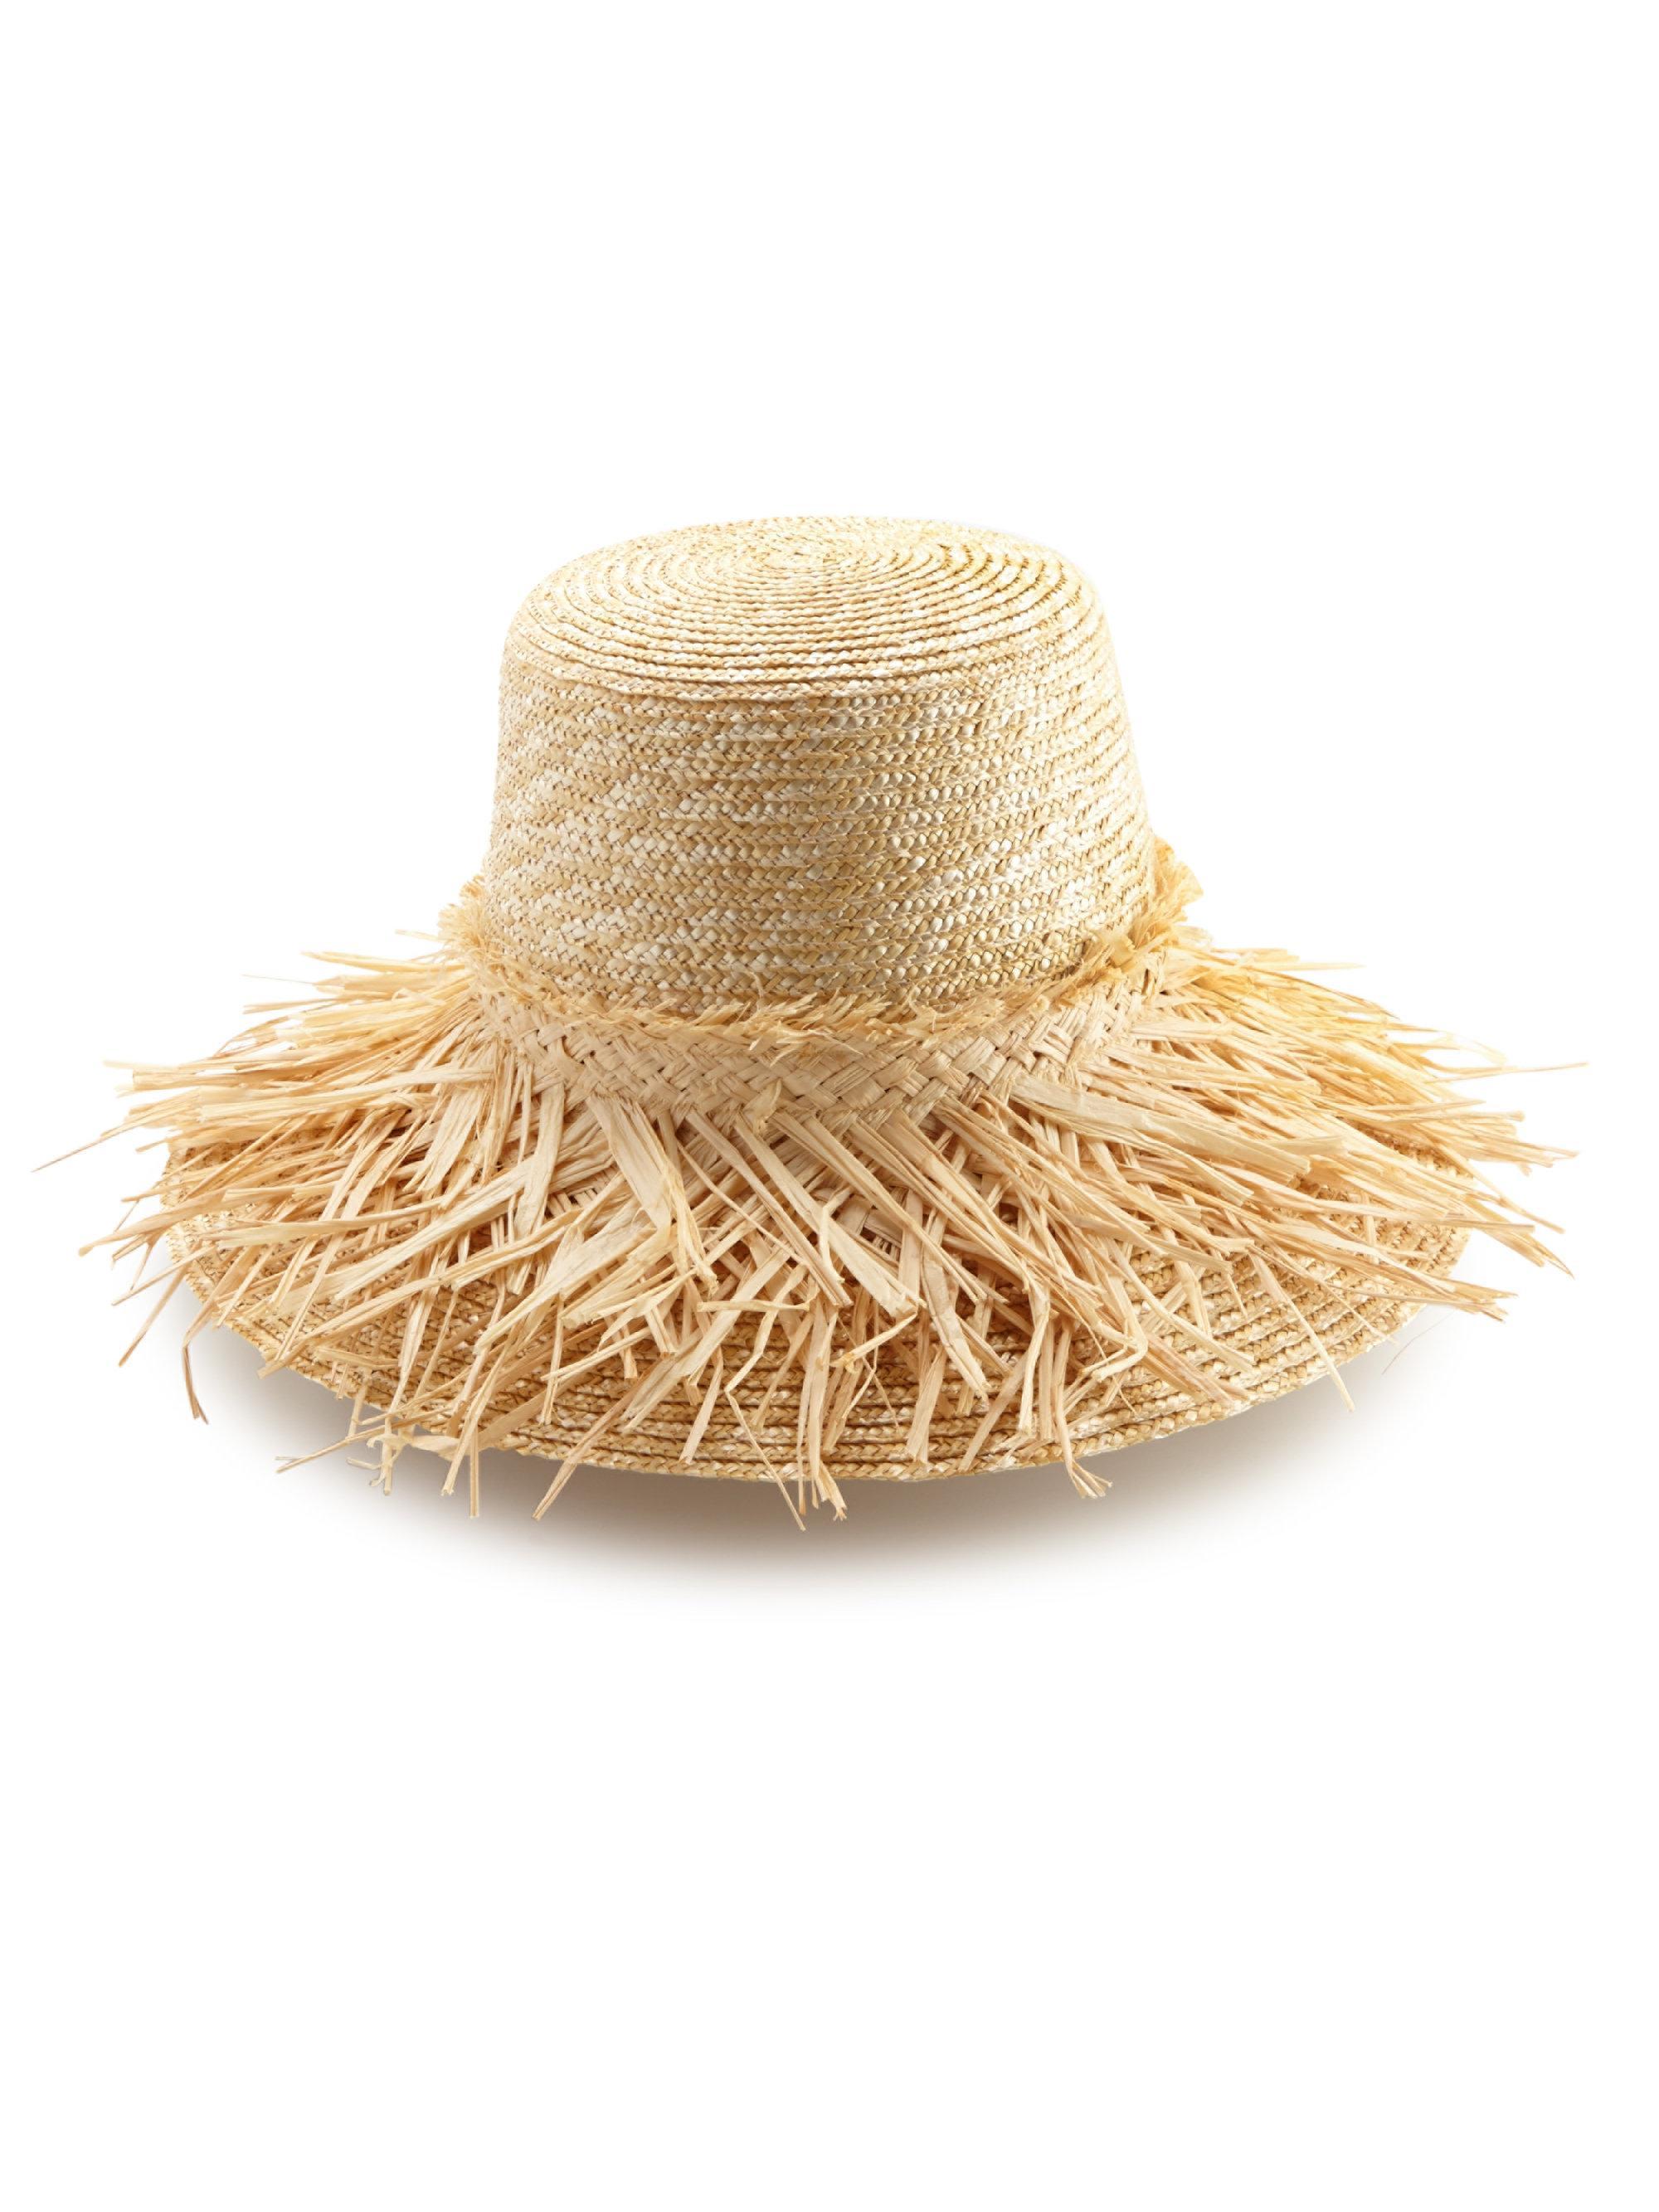 94153285f05 Lyst - Lola Hats Hula Skirt Raffia Sun Hat in Natural